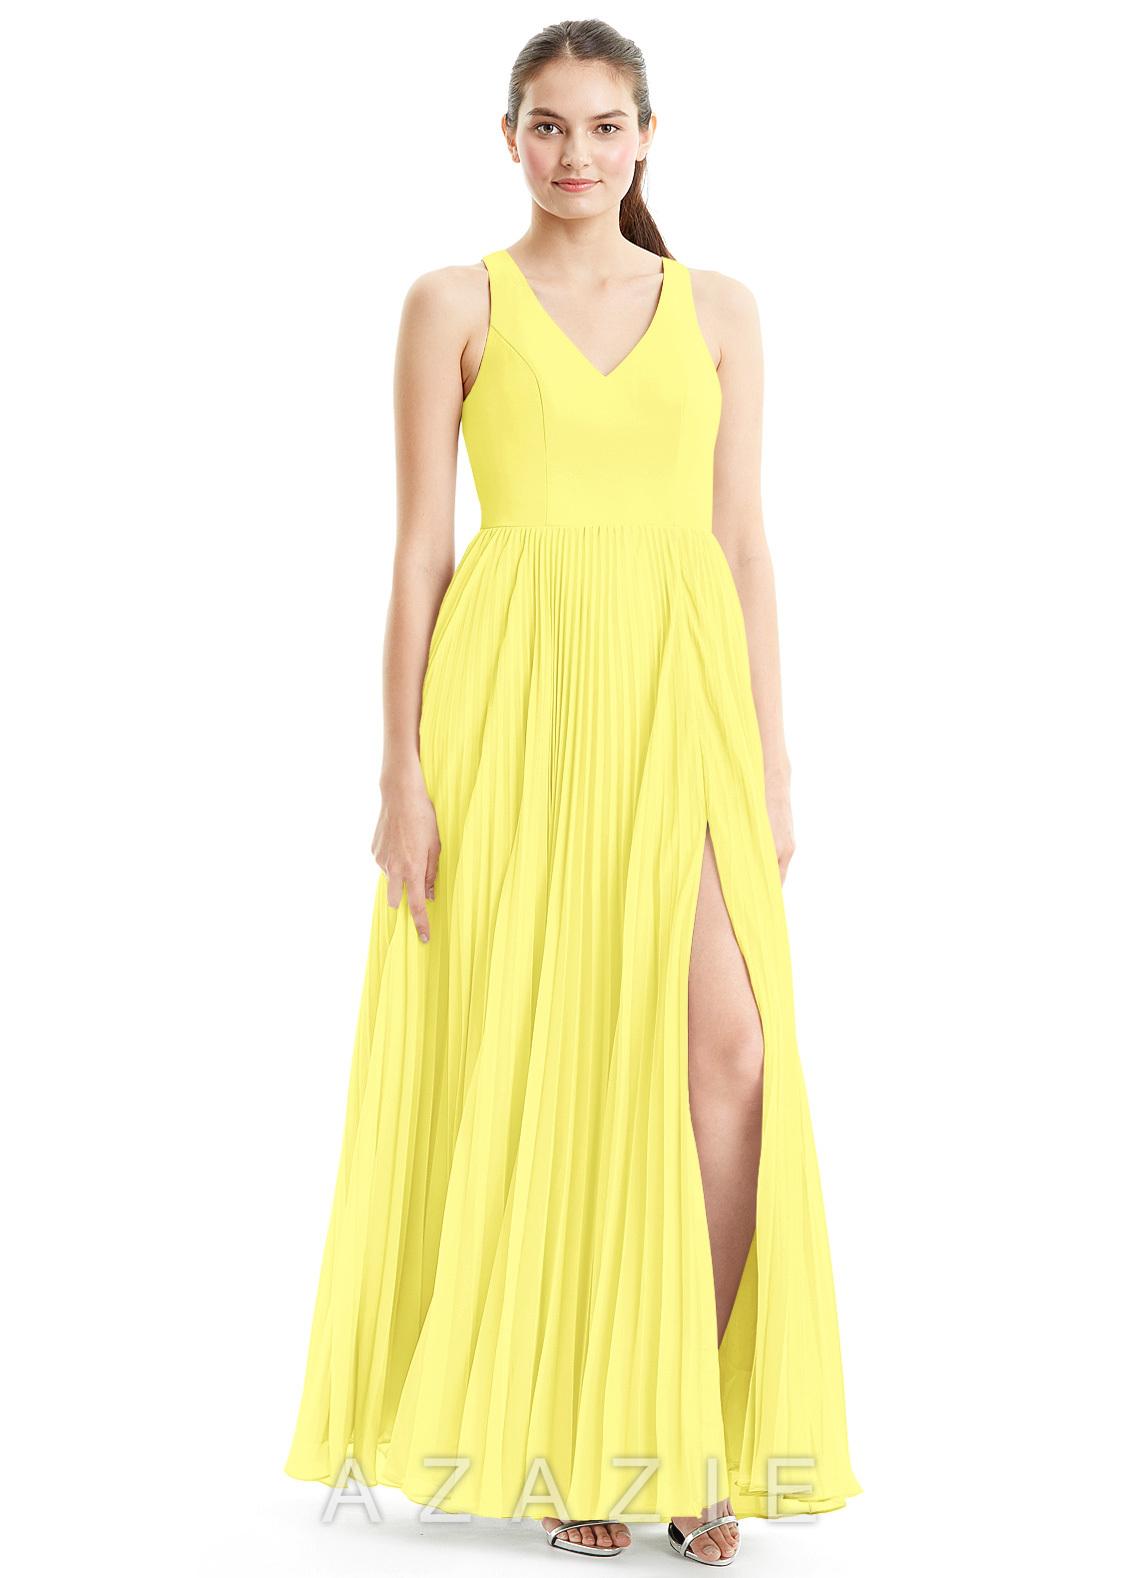 Azazie lindsey bridesmaid dress azazie color lemon ombrellifo Images